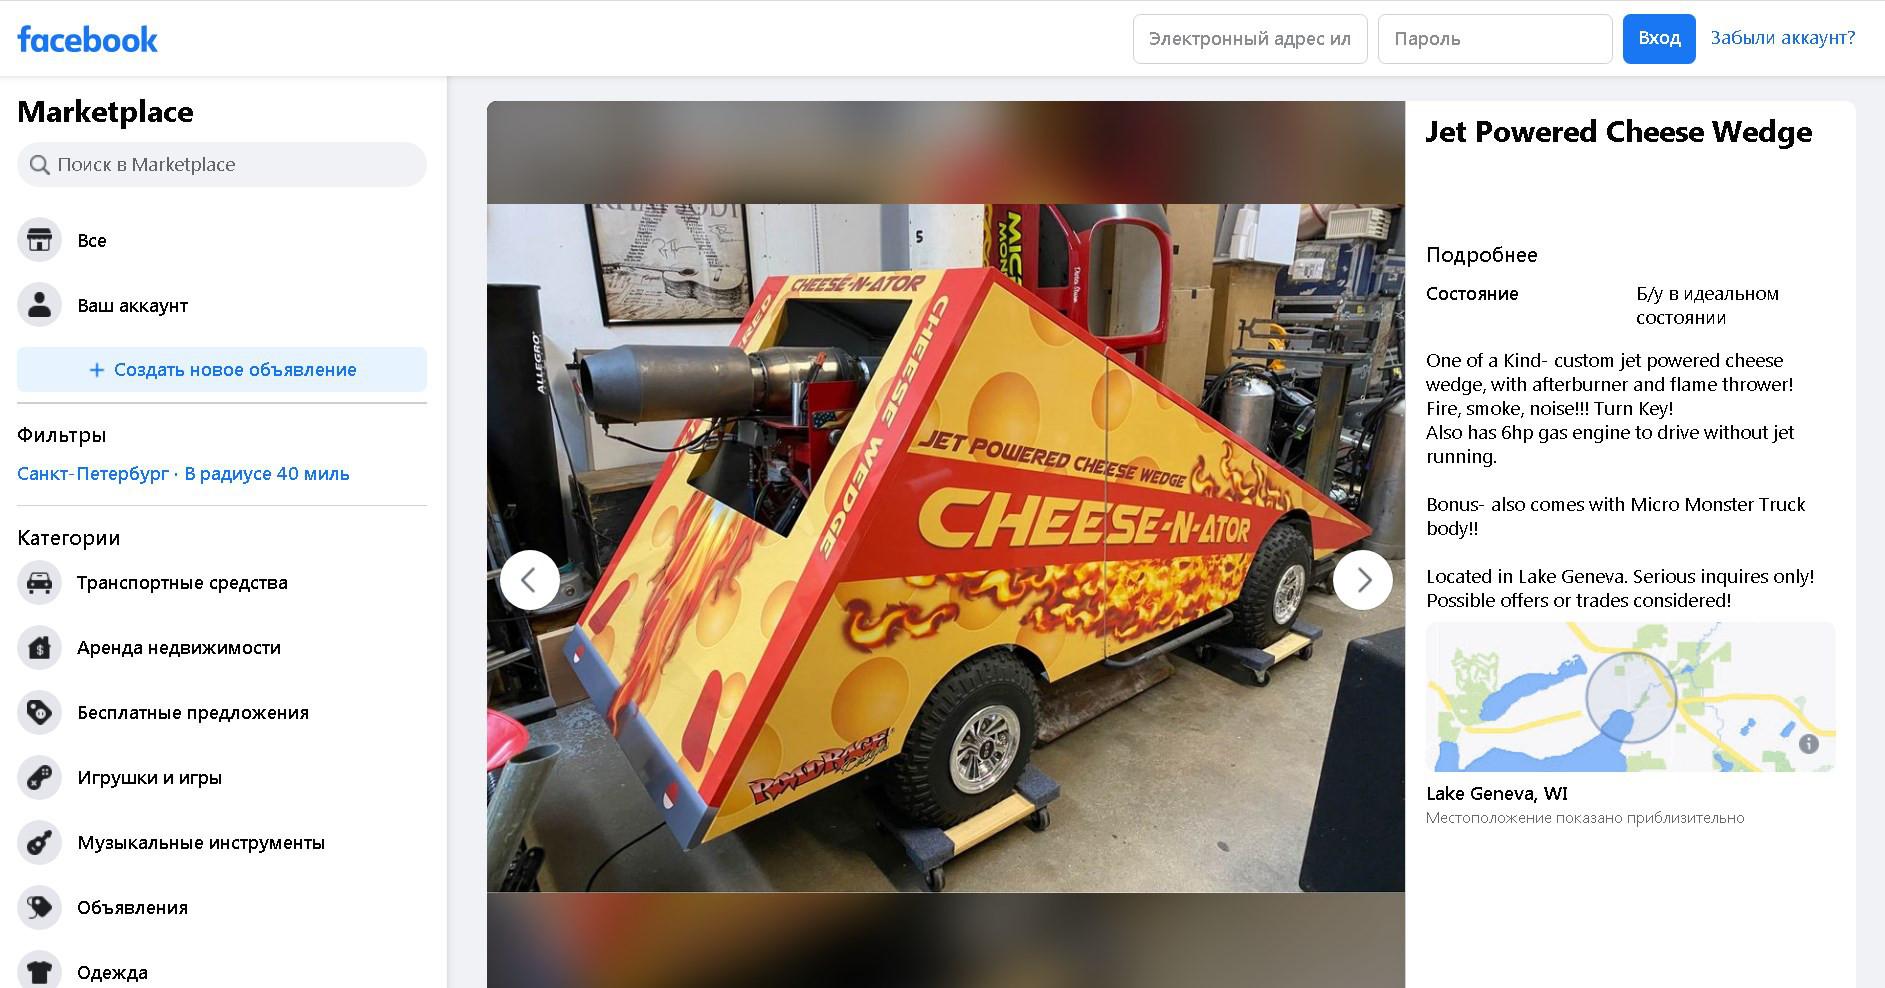 Скриншот со страницы facebook.com/marketplace